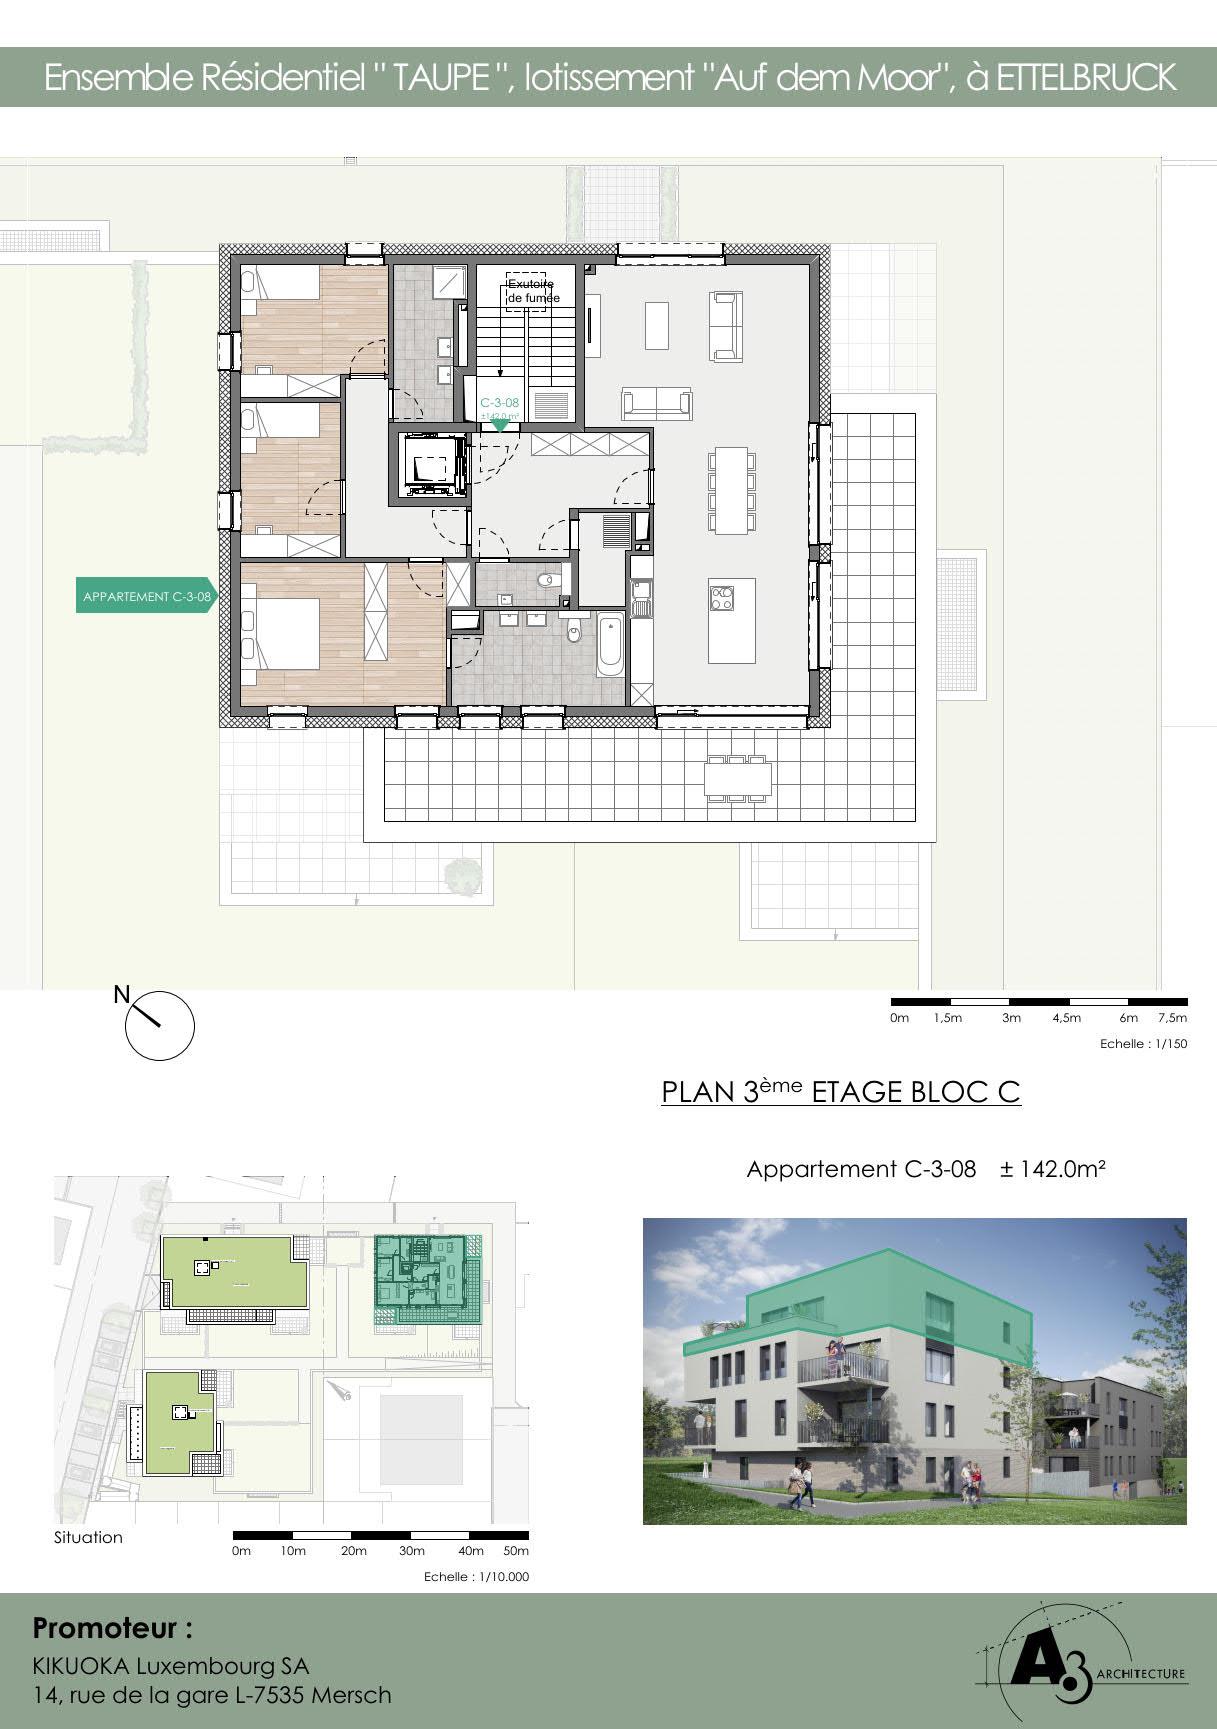 Bloc C: Etage 3